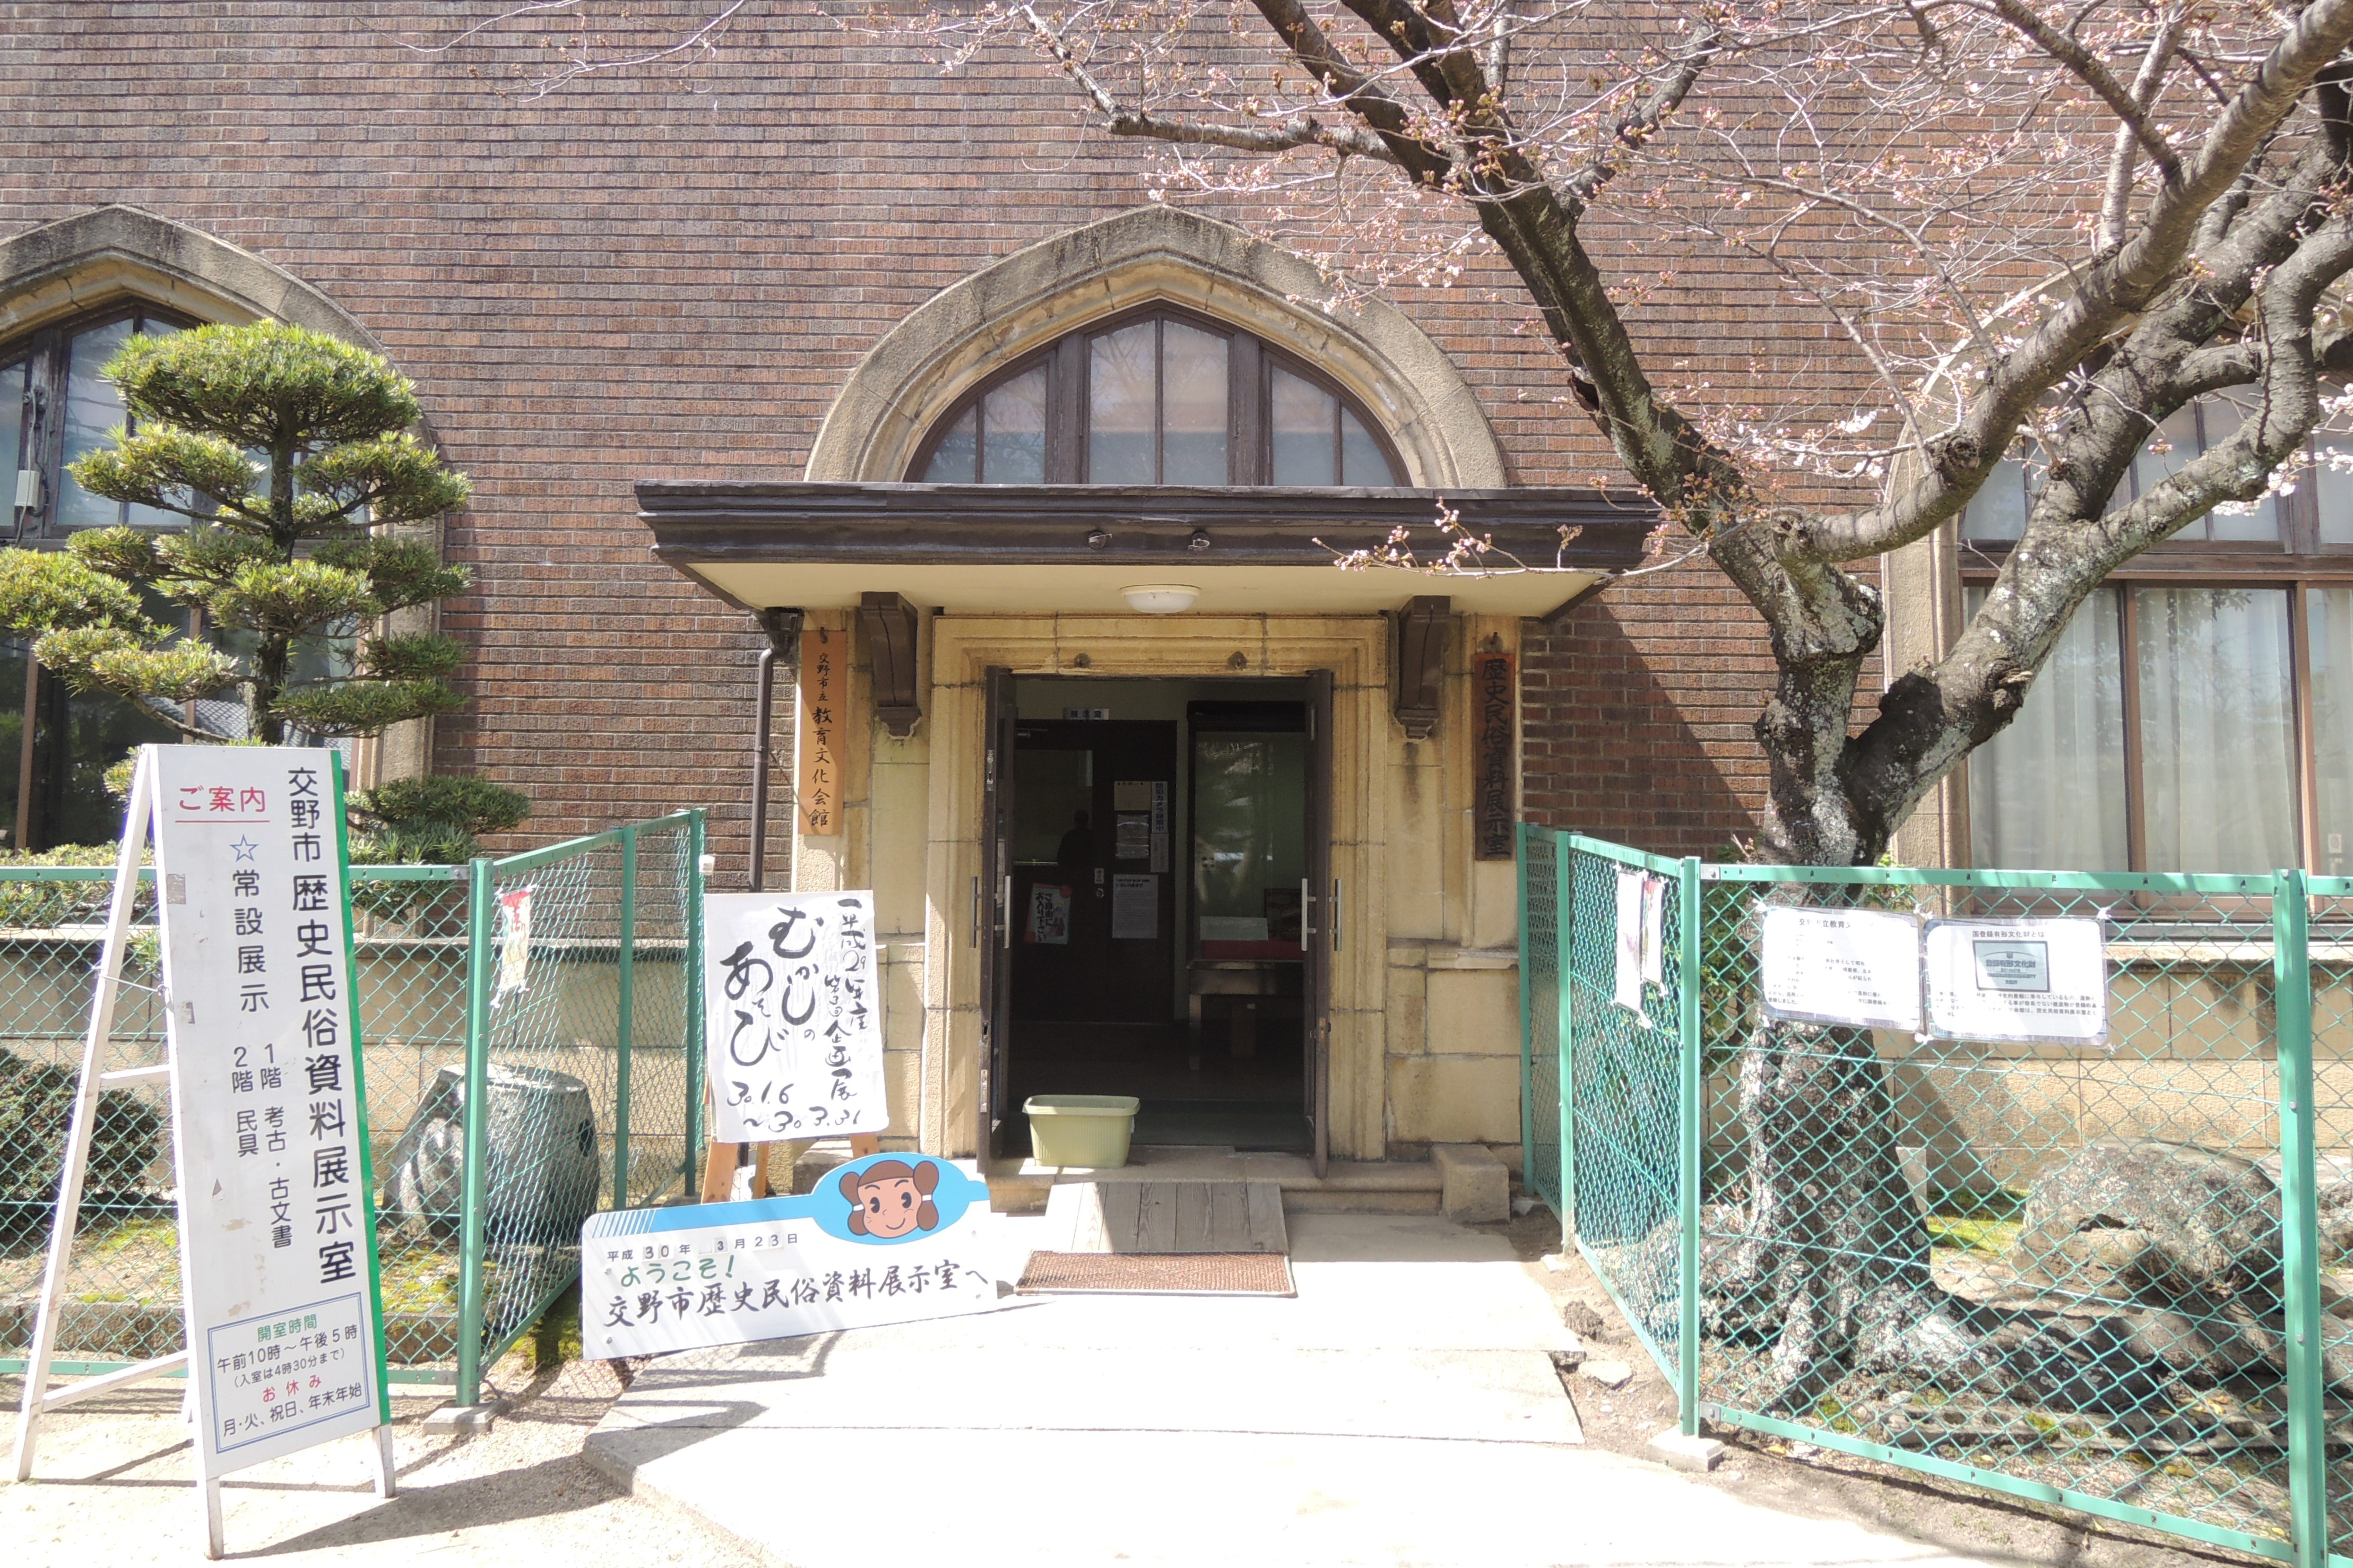 <p>玄関回りのディテール</p>玄関や1階の窓はチェダーアーチを配している。チューダーアーチとは、幅広で平たい尖頭アーチのこと。アーチ部分の枠は木製である。